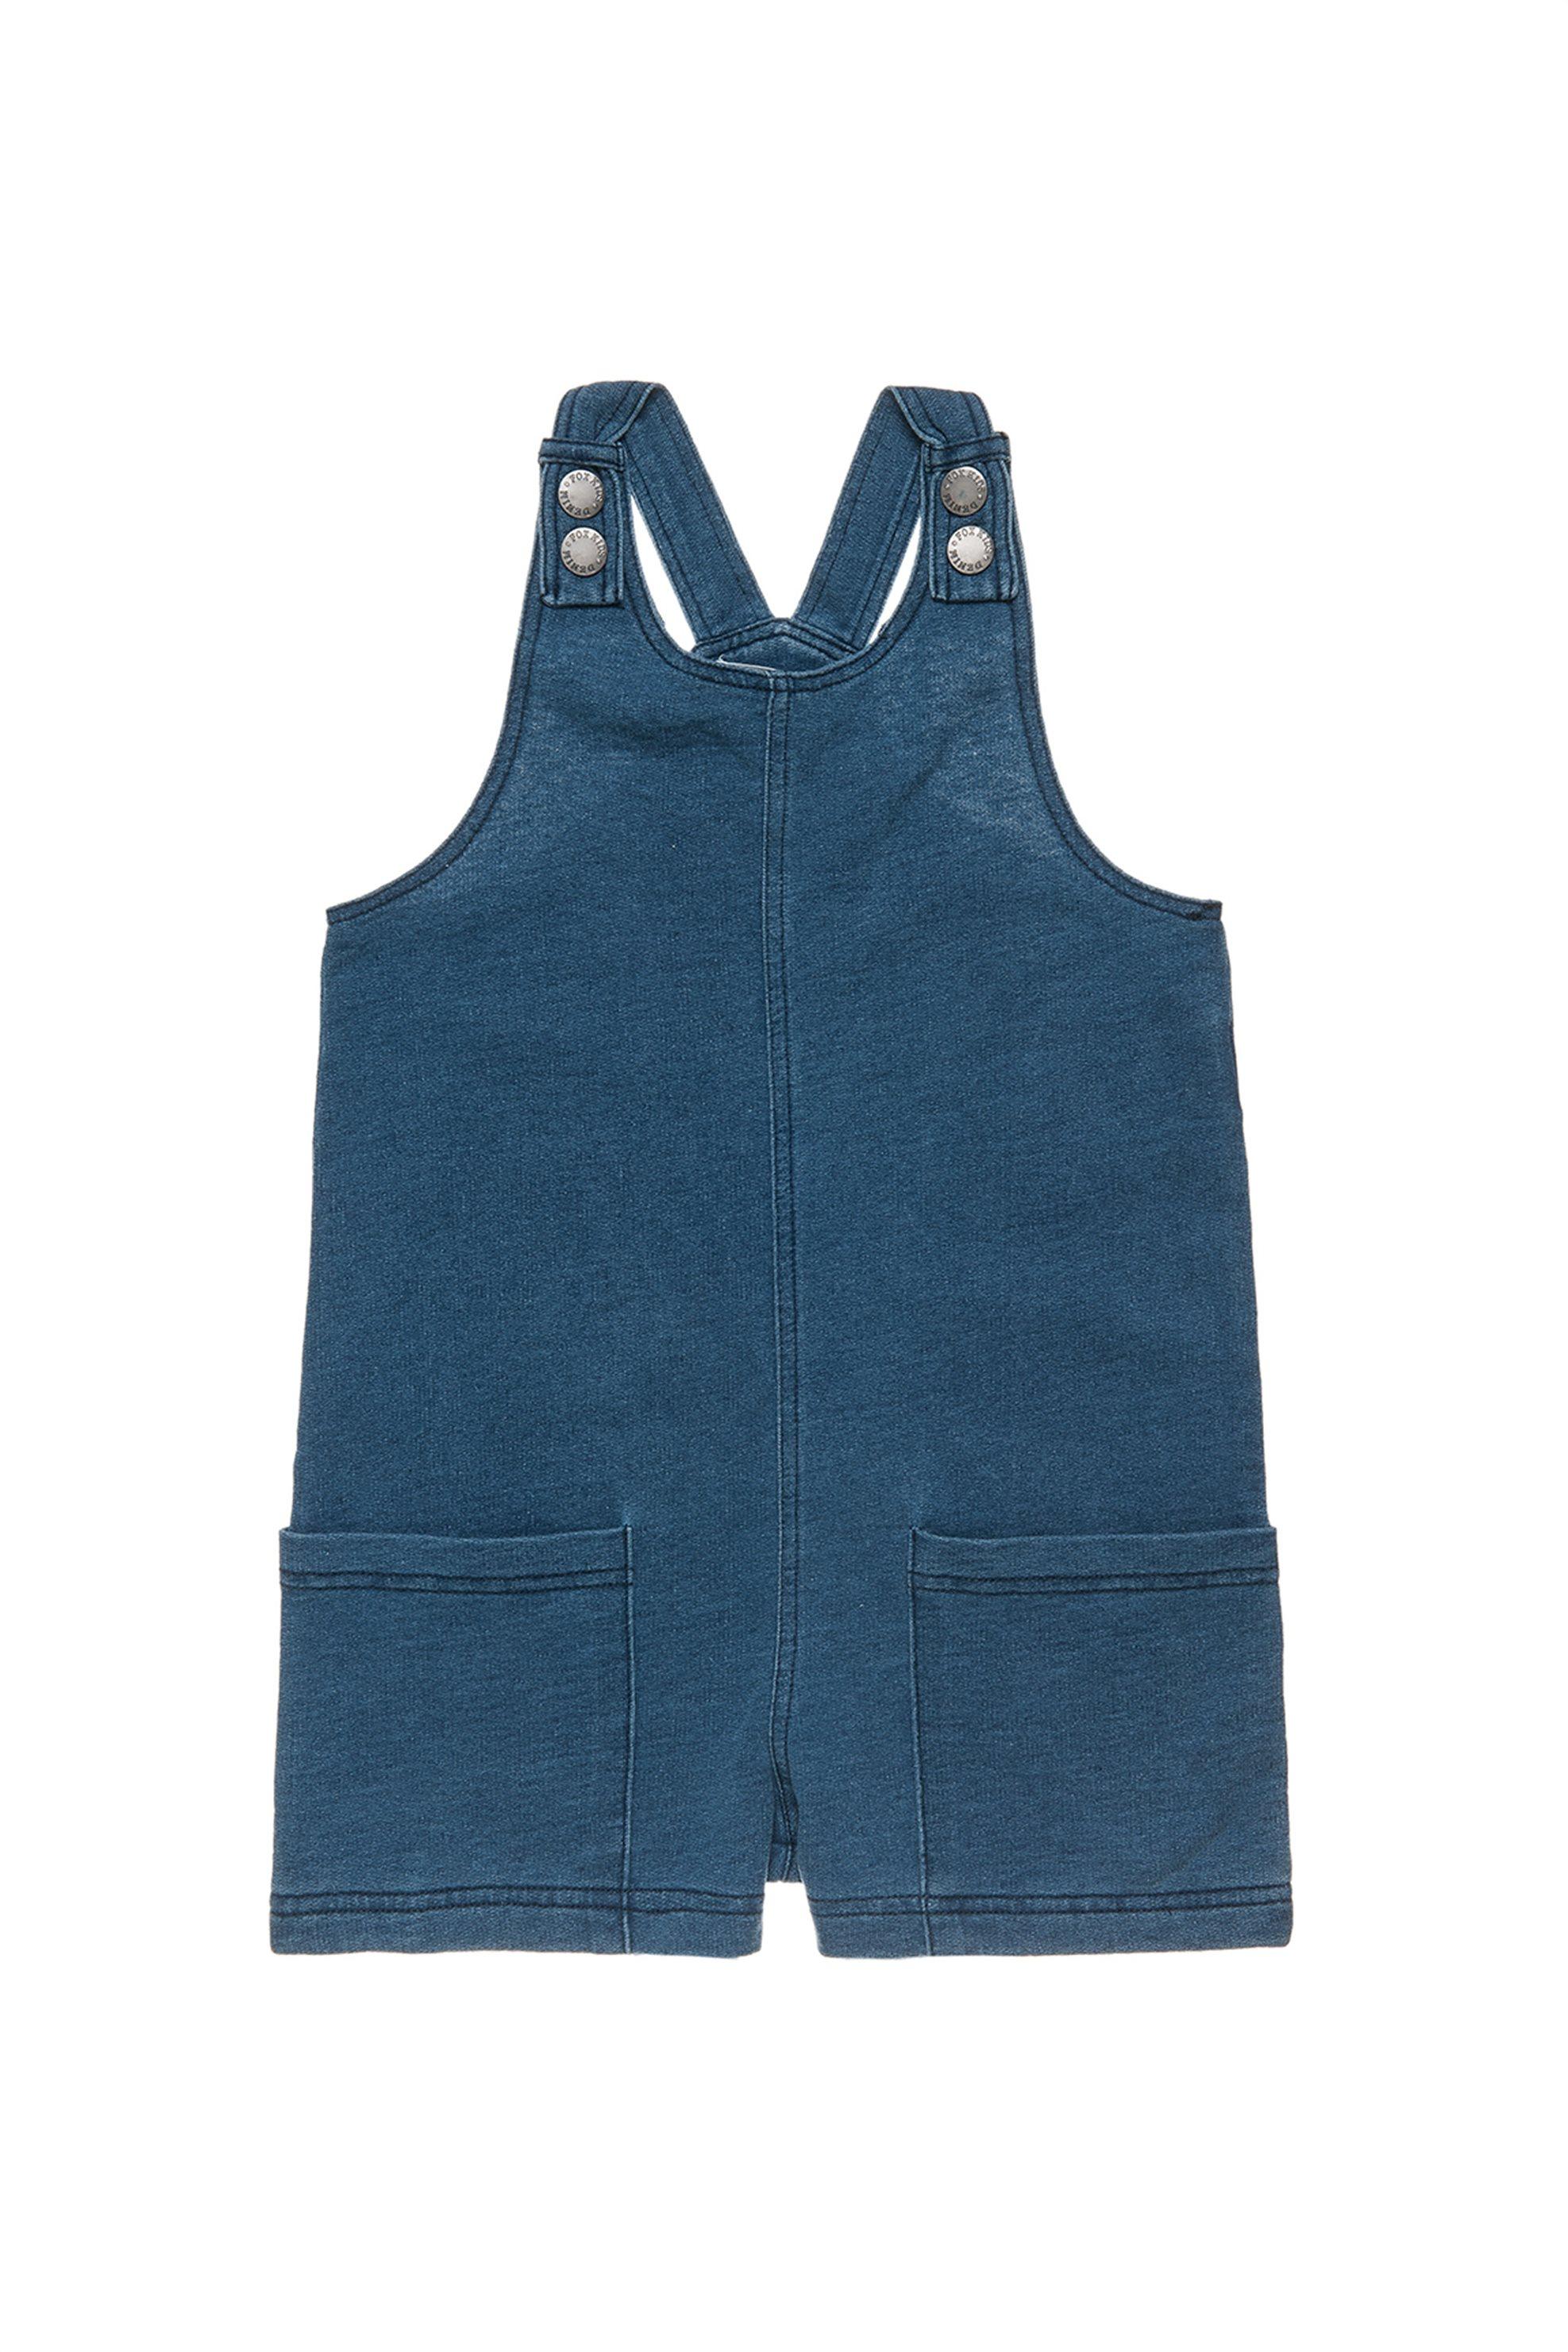 Σαλοπέτα jean (6-16 ετών) Fox - 00912785 - Μπλε παιδι   κοριτσι   4 14 ετων   tops   παντελόνια   σαλοπέτες